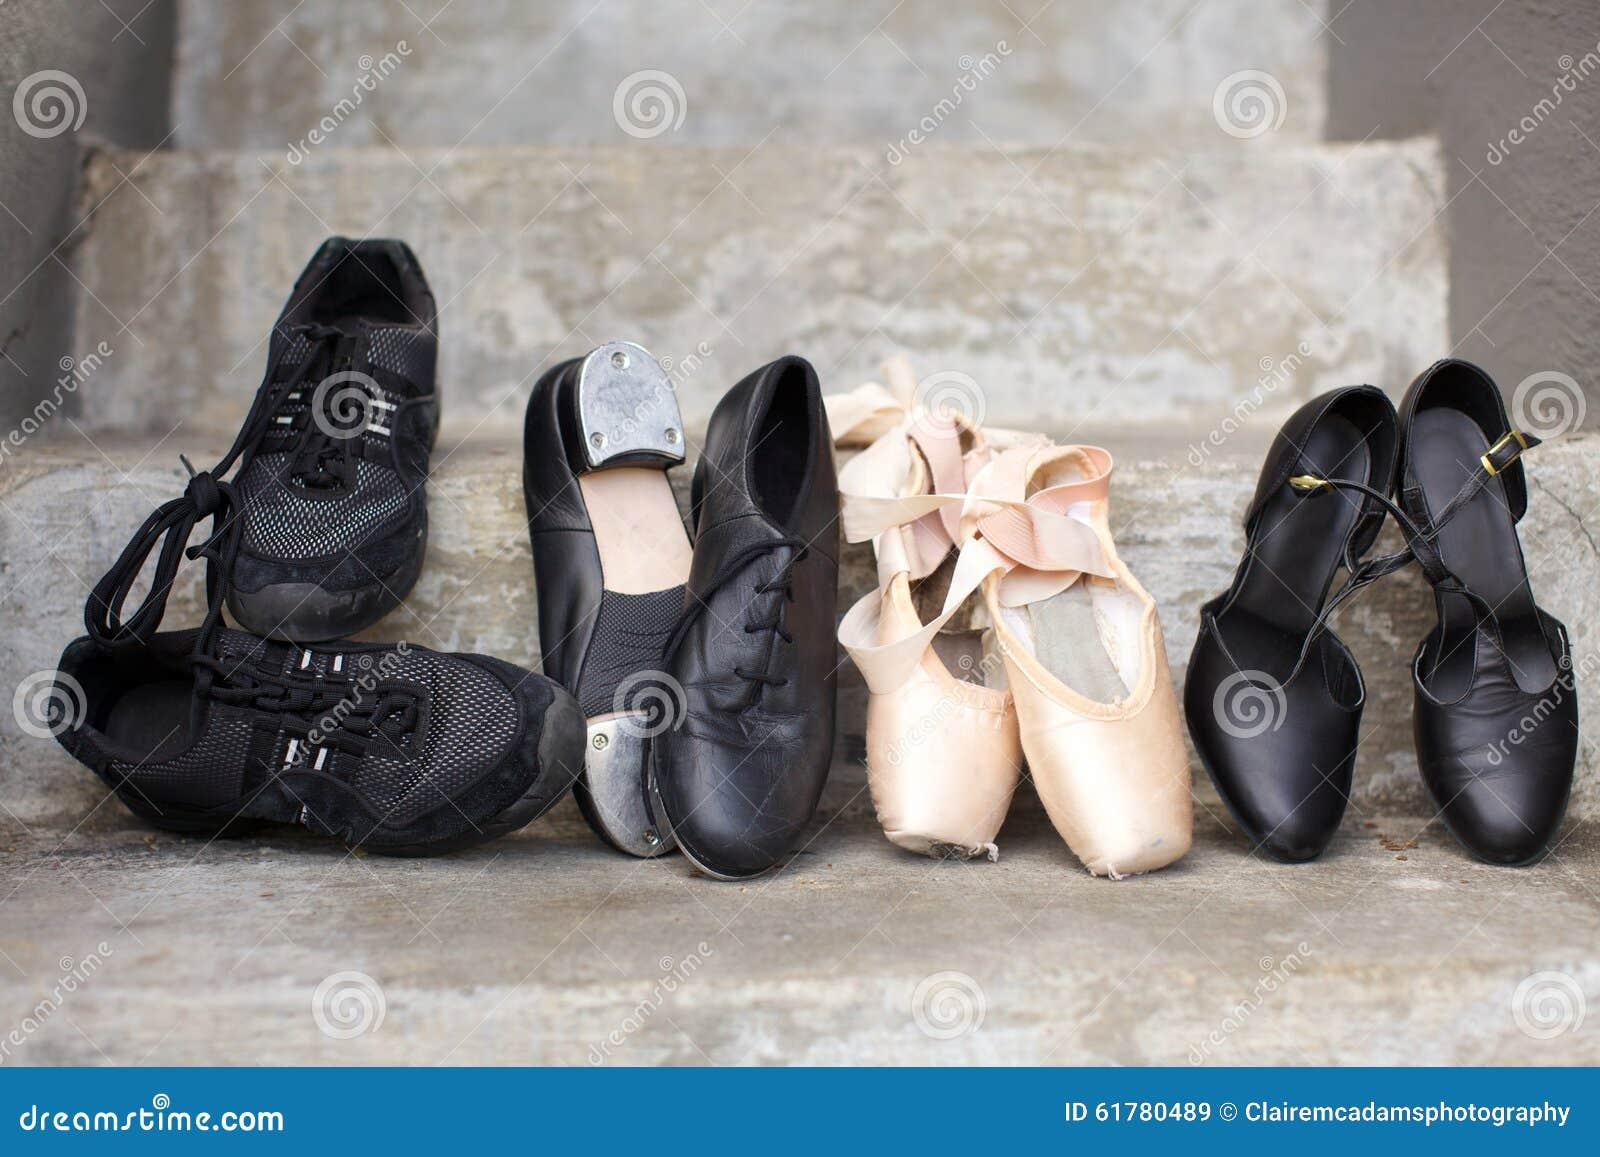 Variété de chaussures de danse